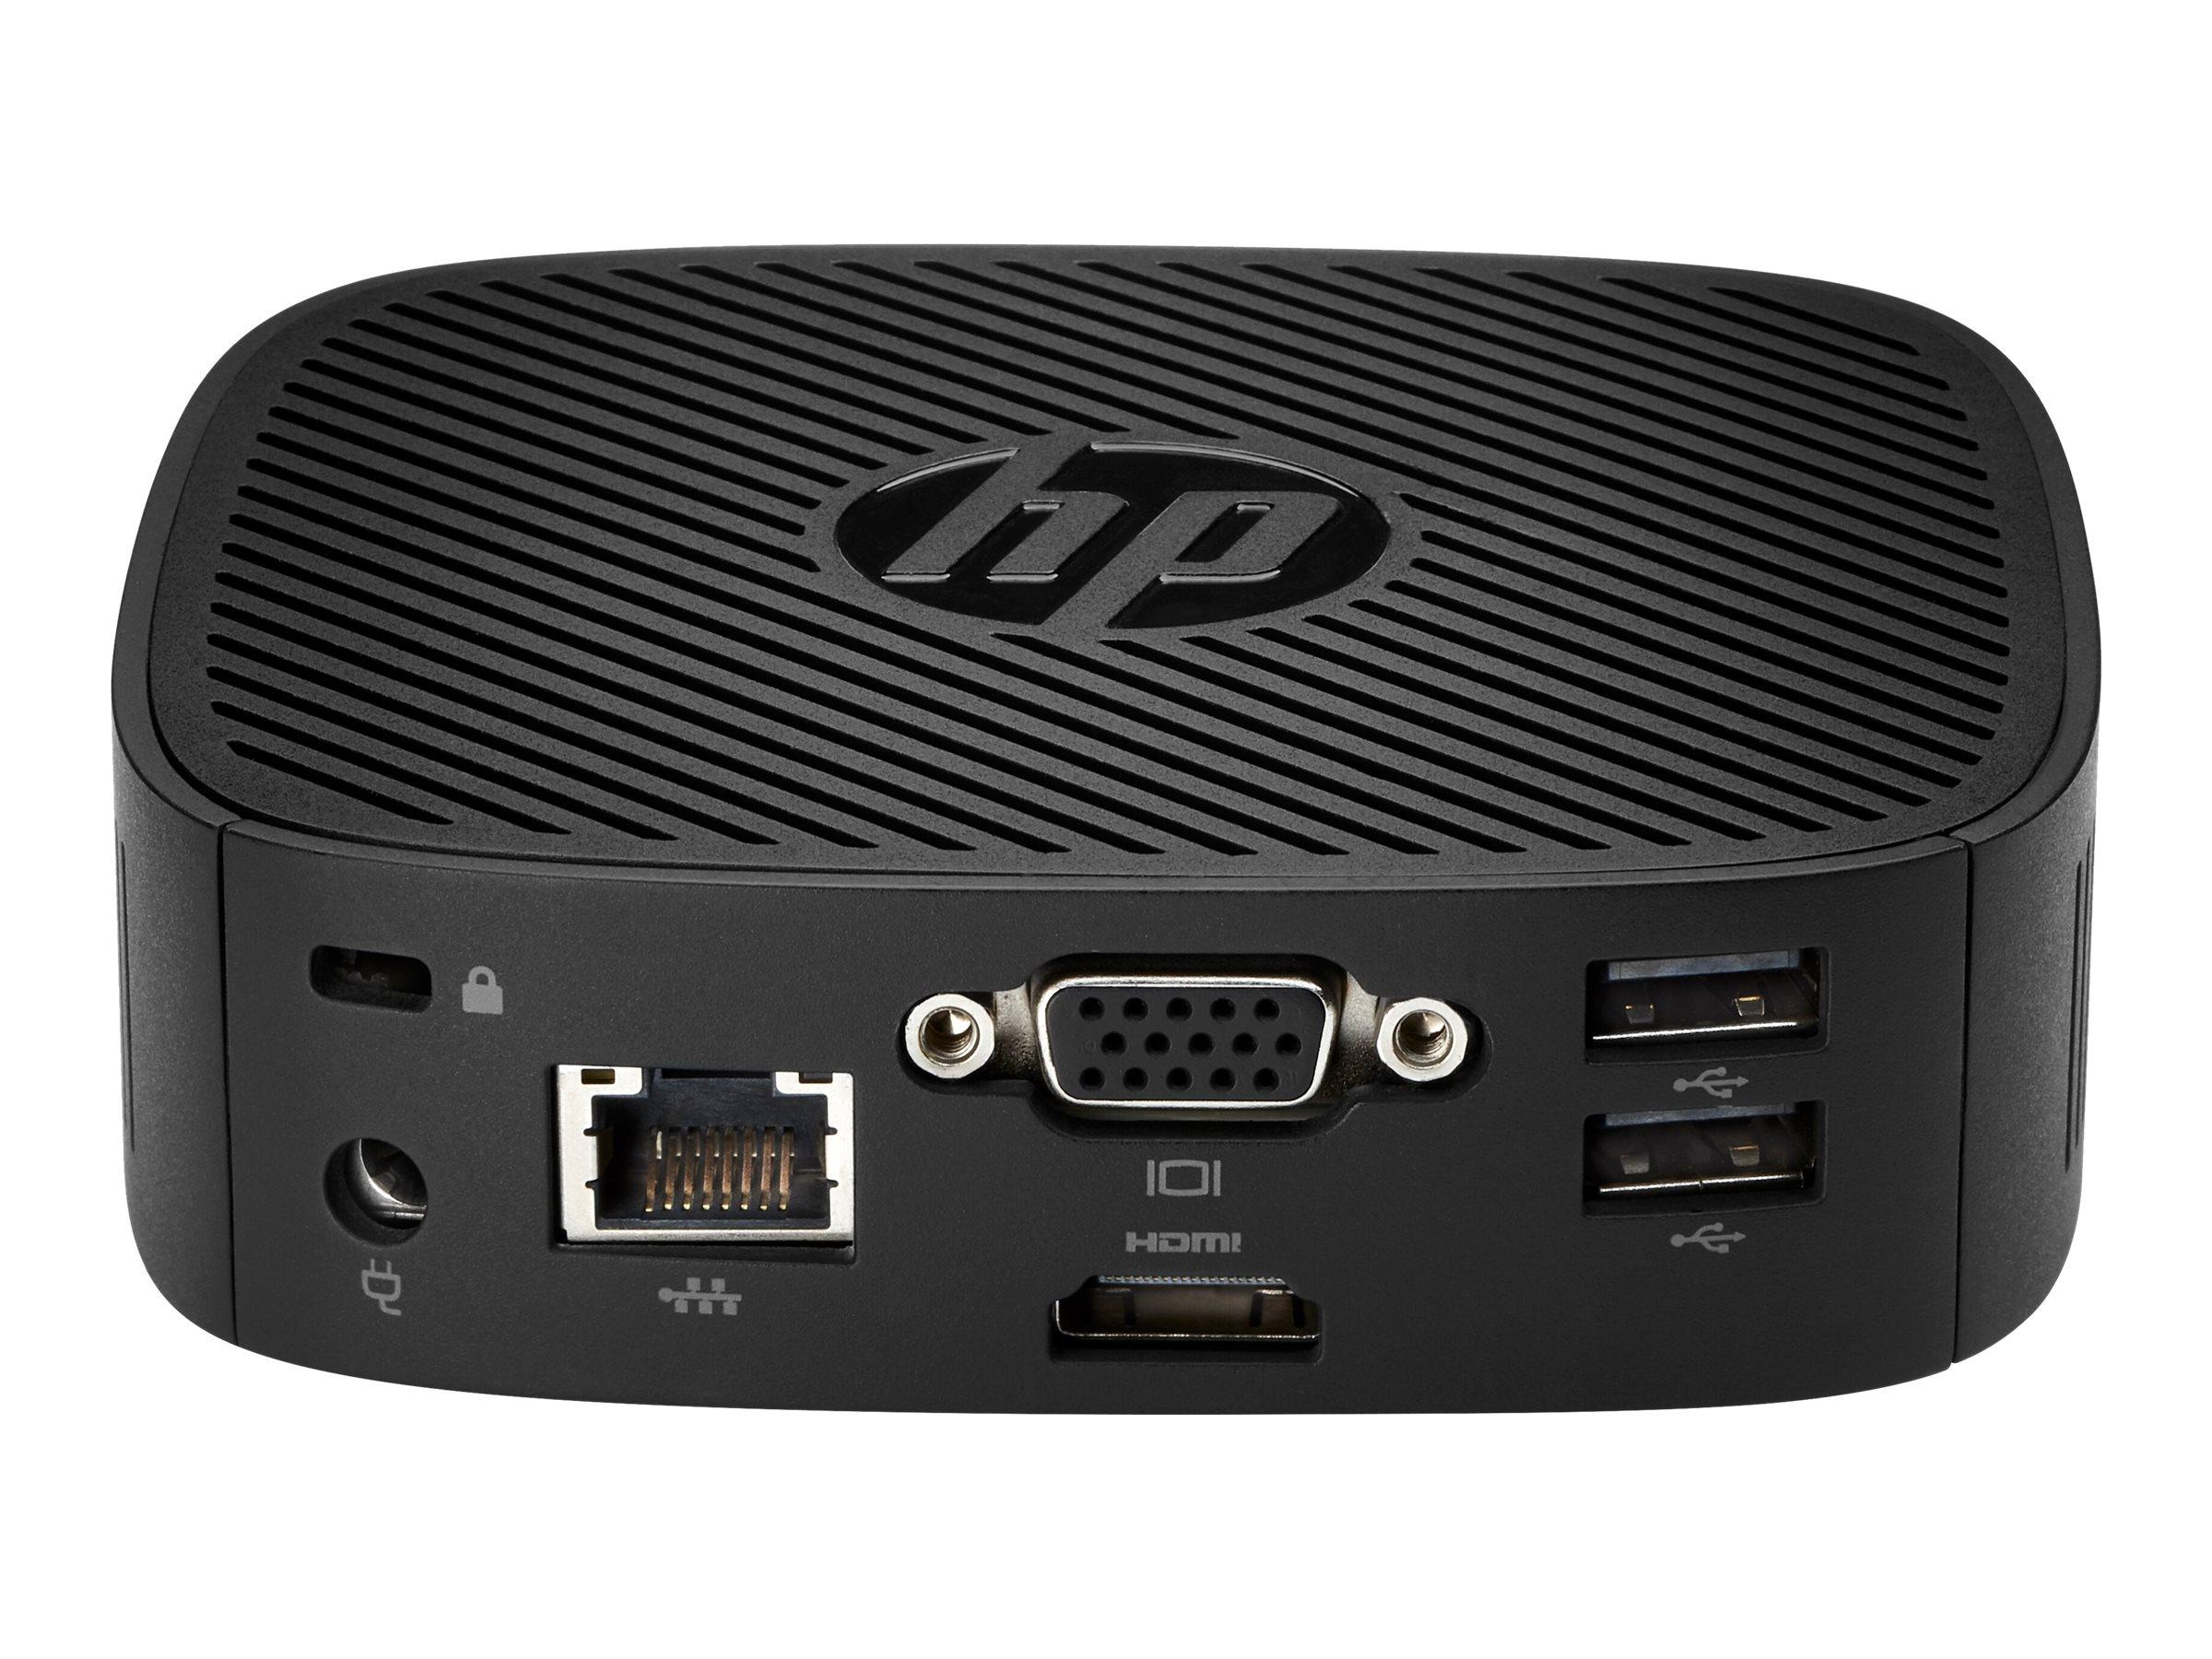 Vorschau: HP t240 - Thin Client - USFF - 1 x Atom x5 Z8350 / 1.44 GHz